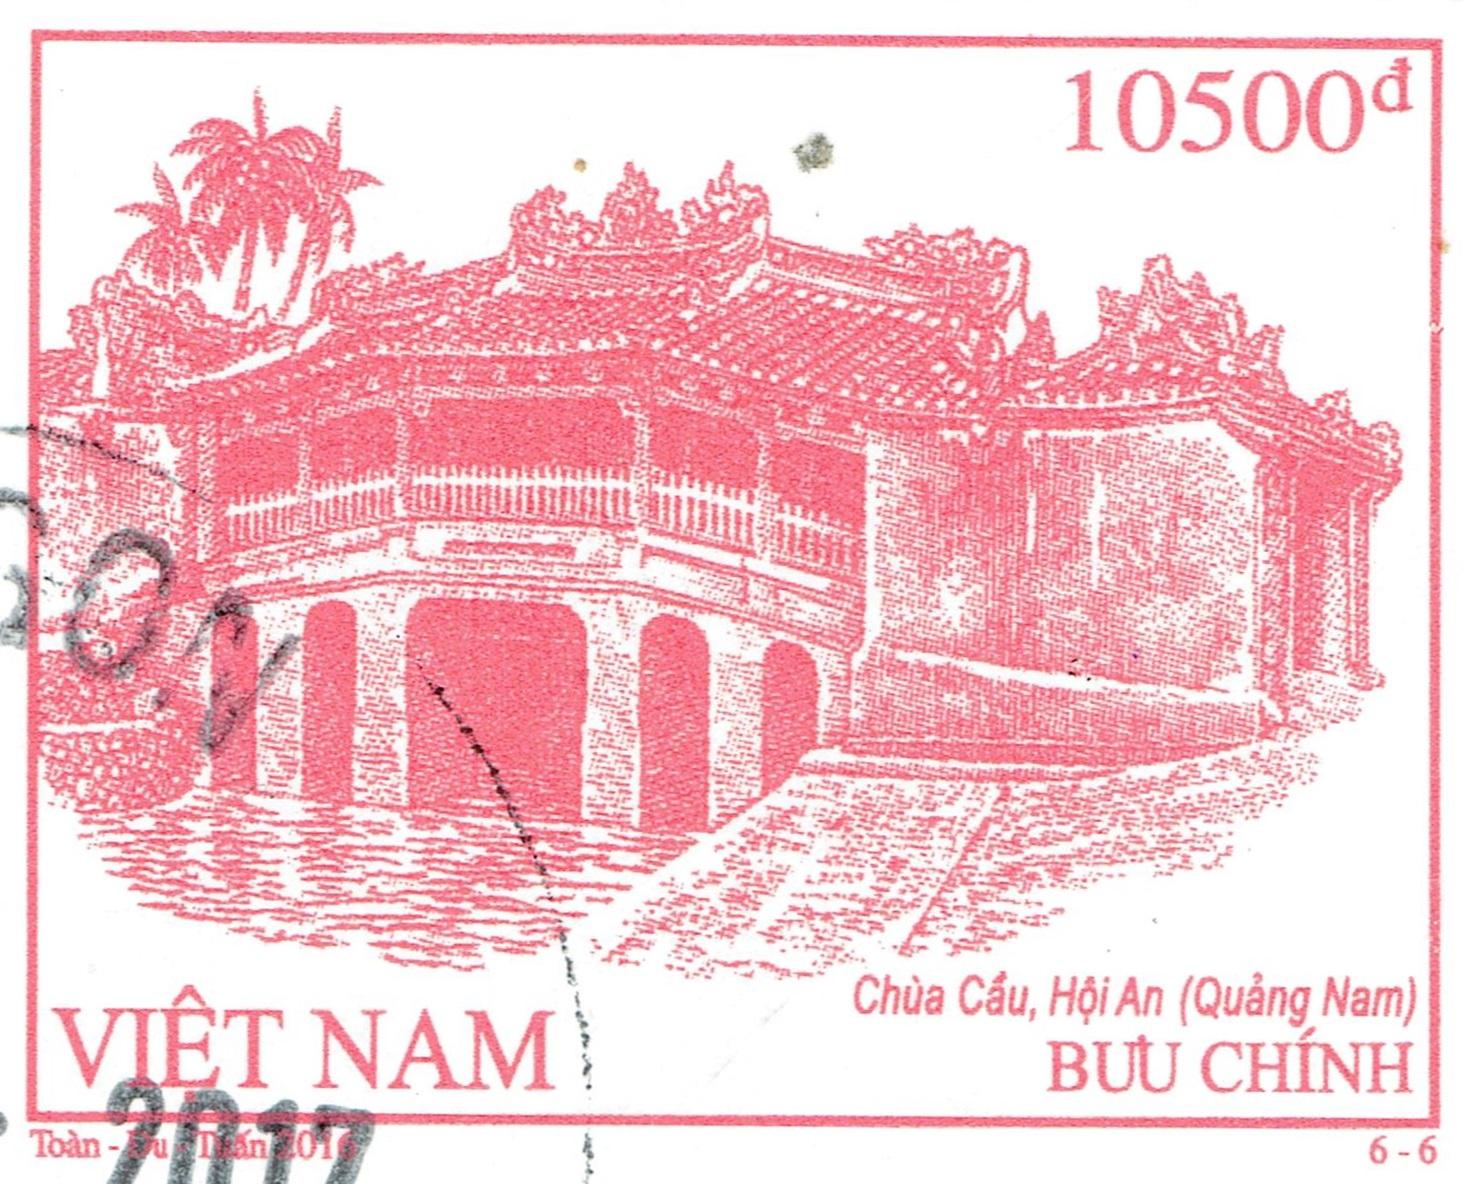 Vietnam - Chùa Cầu Bridge, Hoi An (2016)